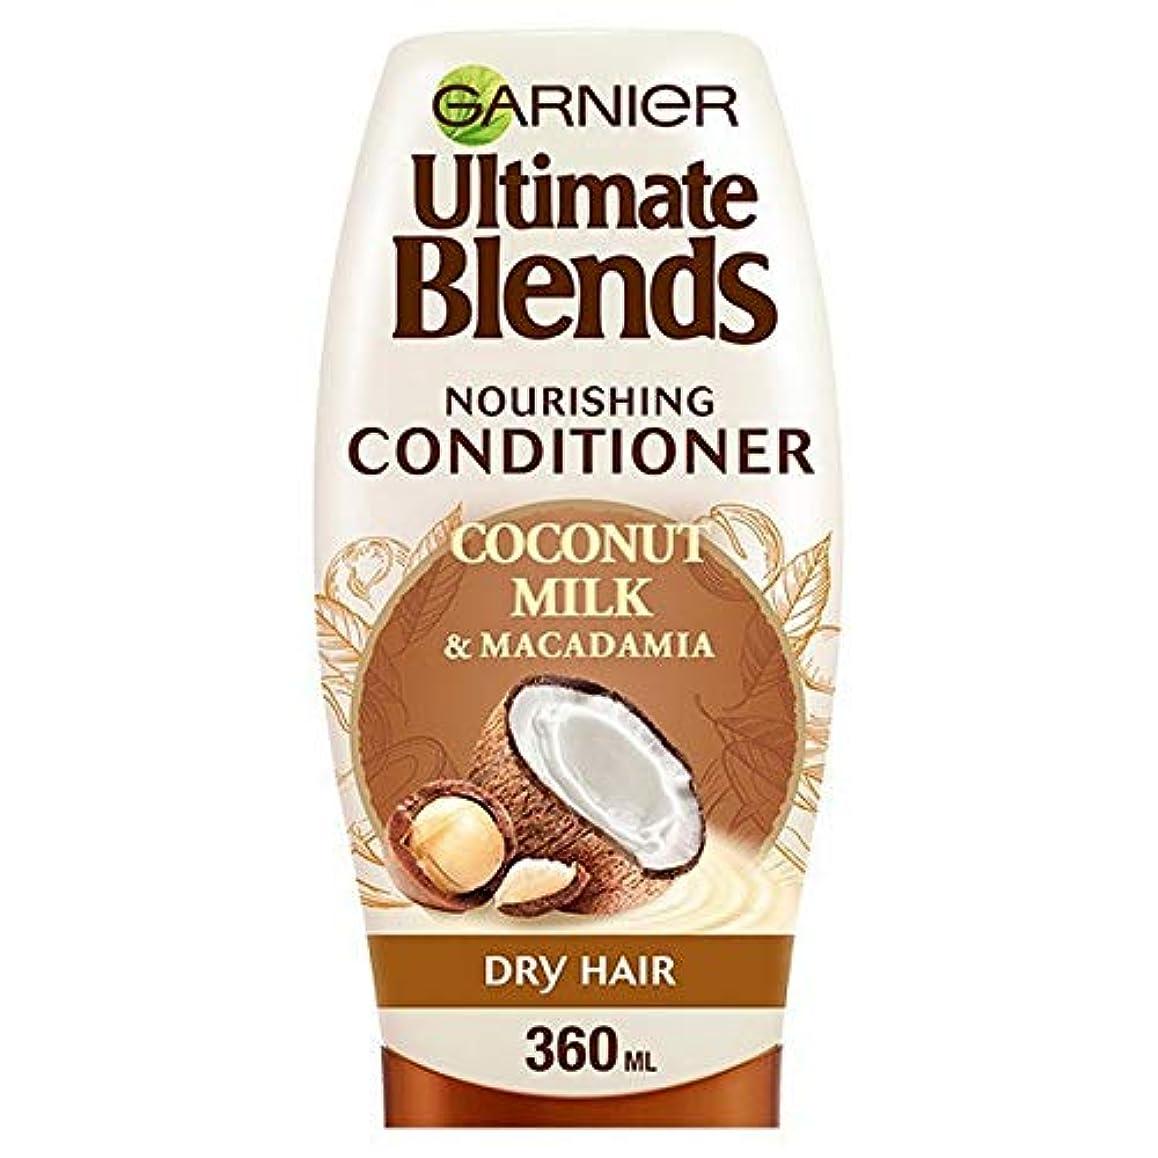 ブラウスそれに応じて極小[Garnier ] 究極のブレンドココナッツミルクドライヘアコンディショナー360ミリリットル - Ultimate Blends Coconut Milk Dry Hair Conditioner 360ml [並行輸入品]